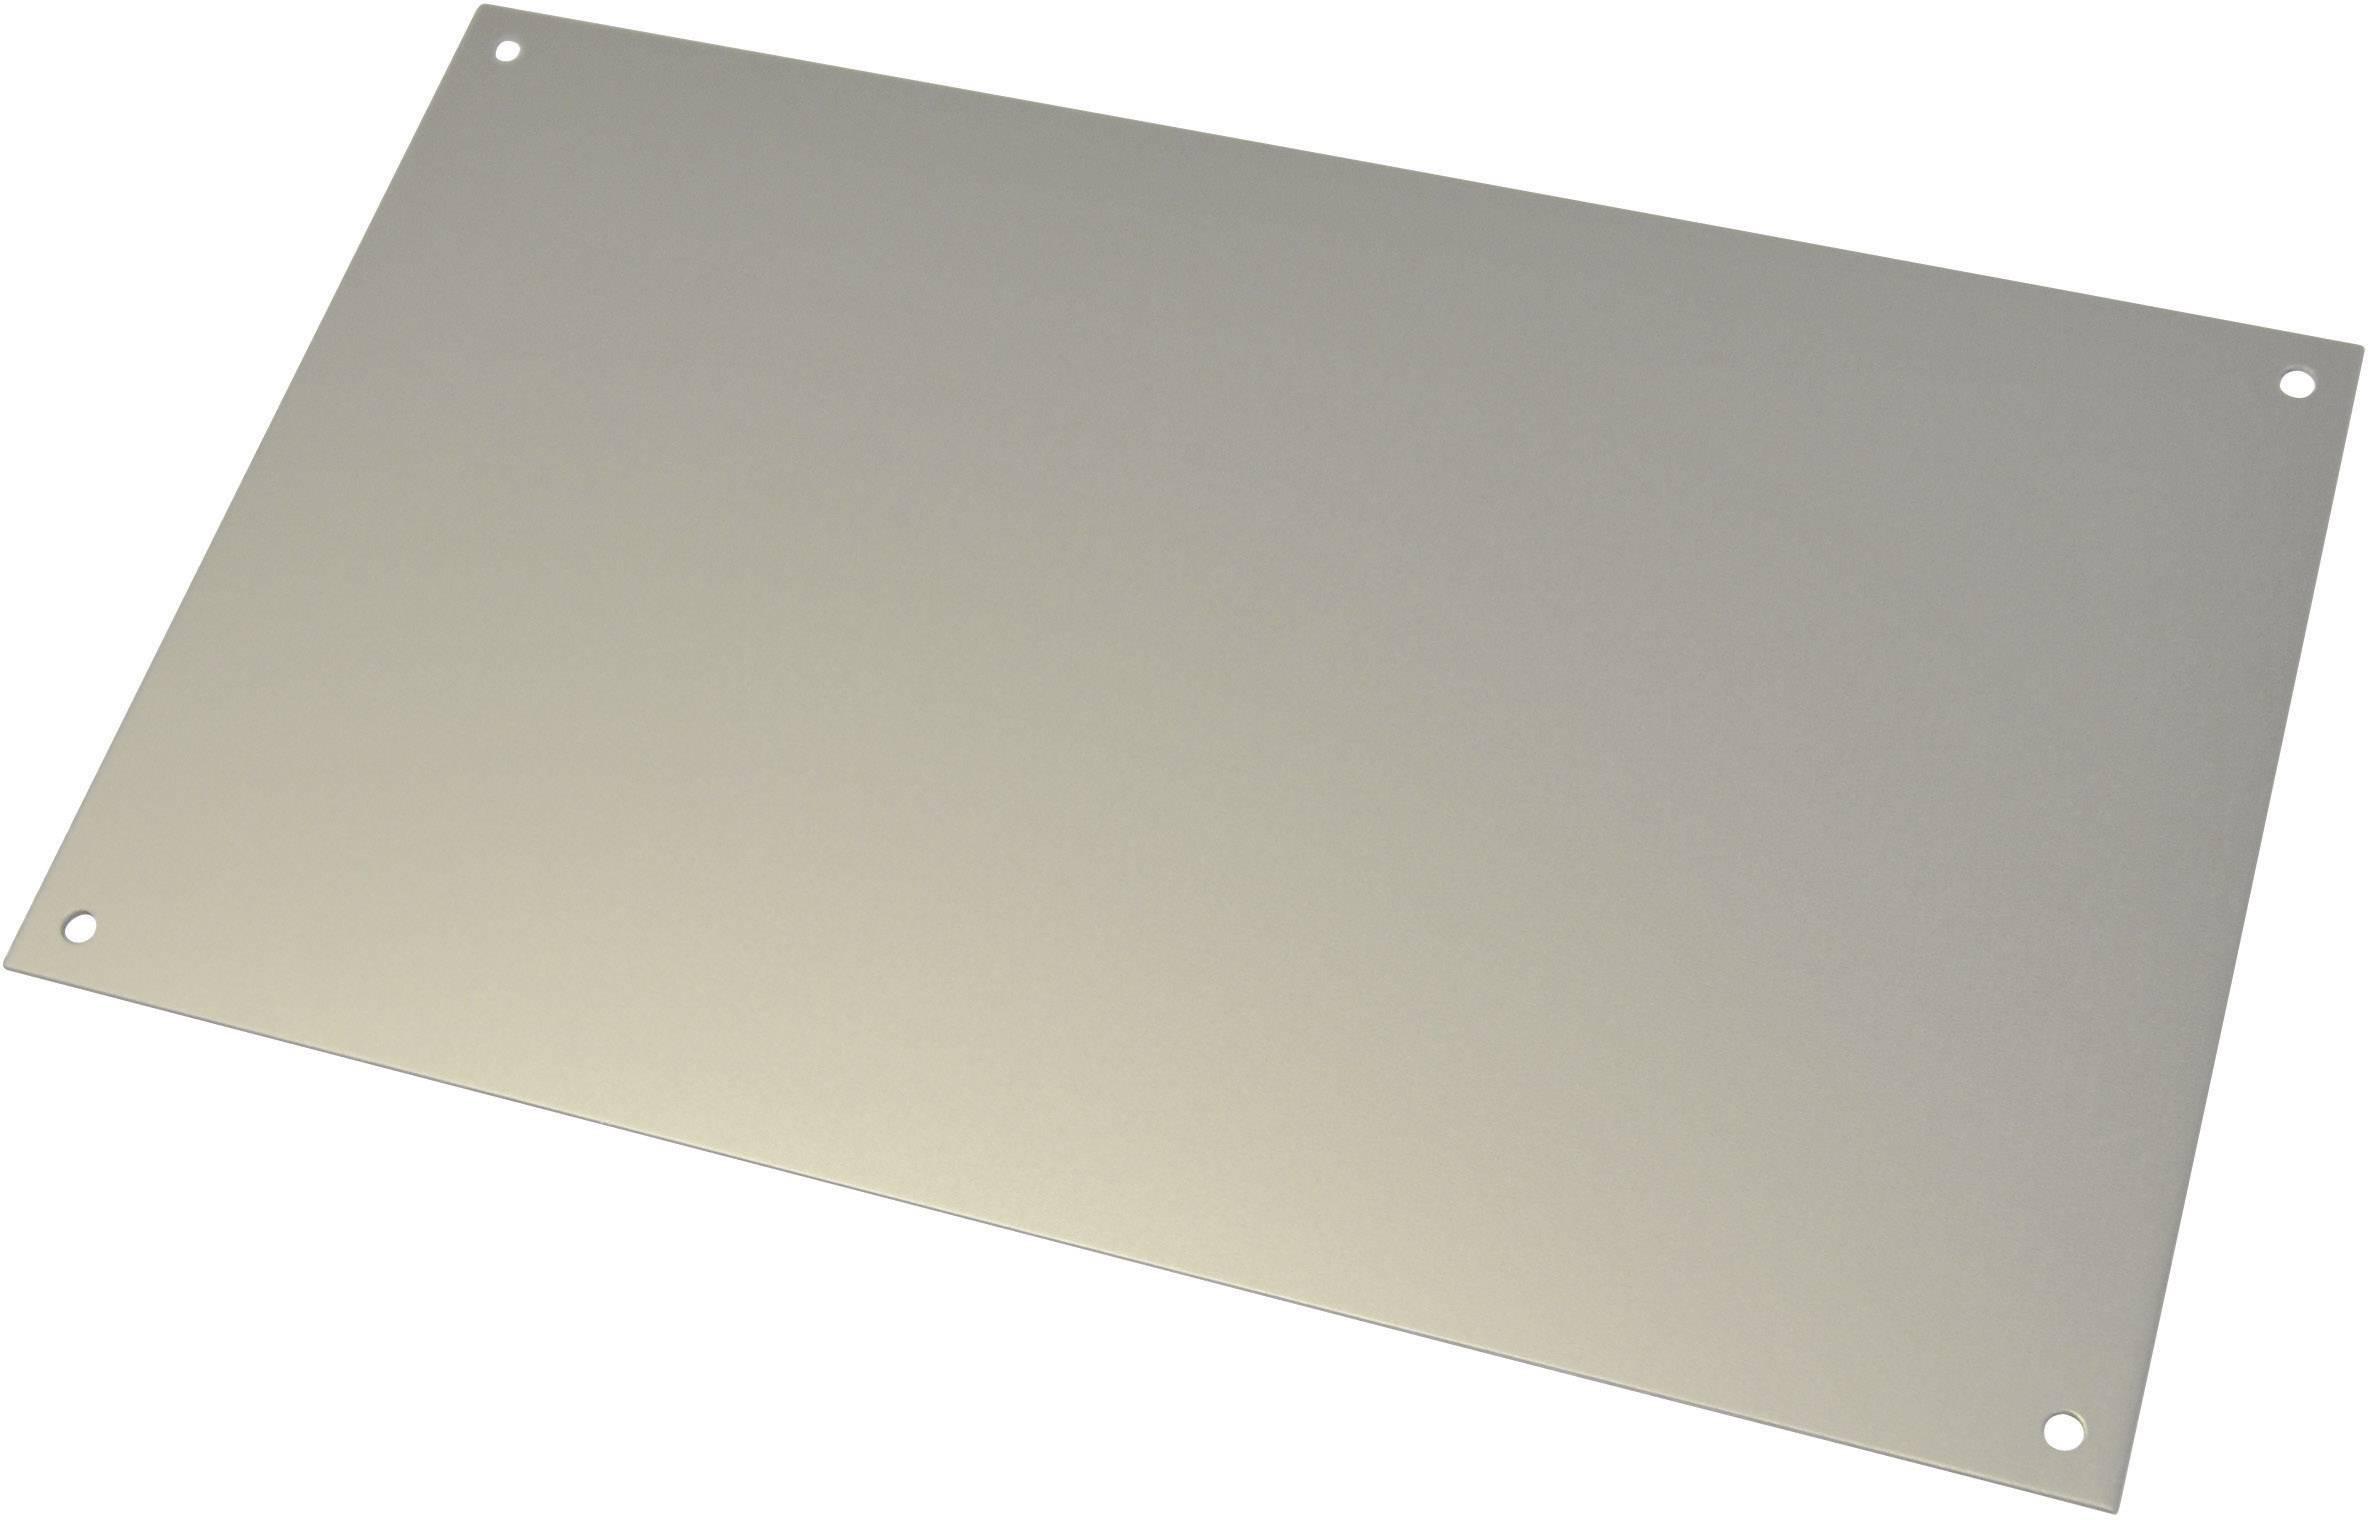 Čelný panel Bopla FAE200, hliník, hliník, 1 ks